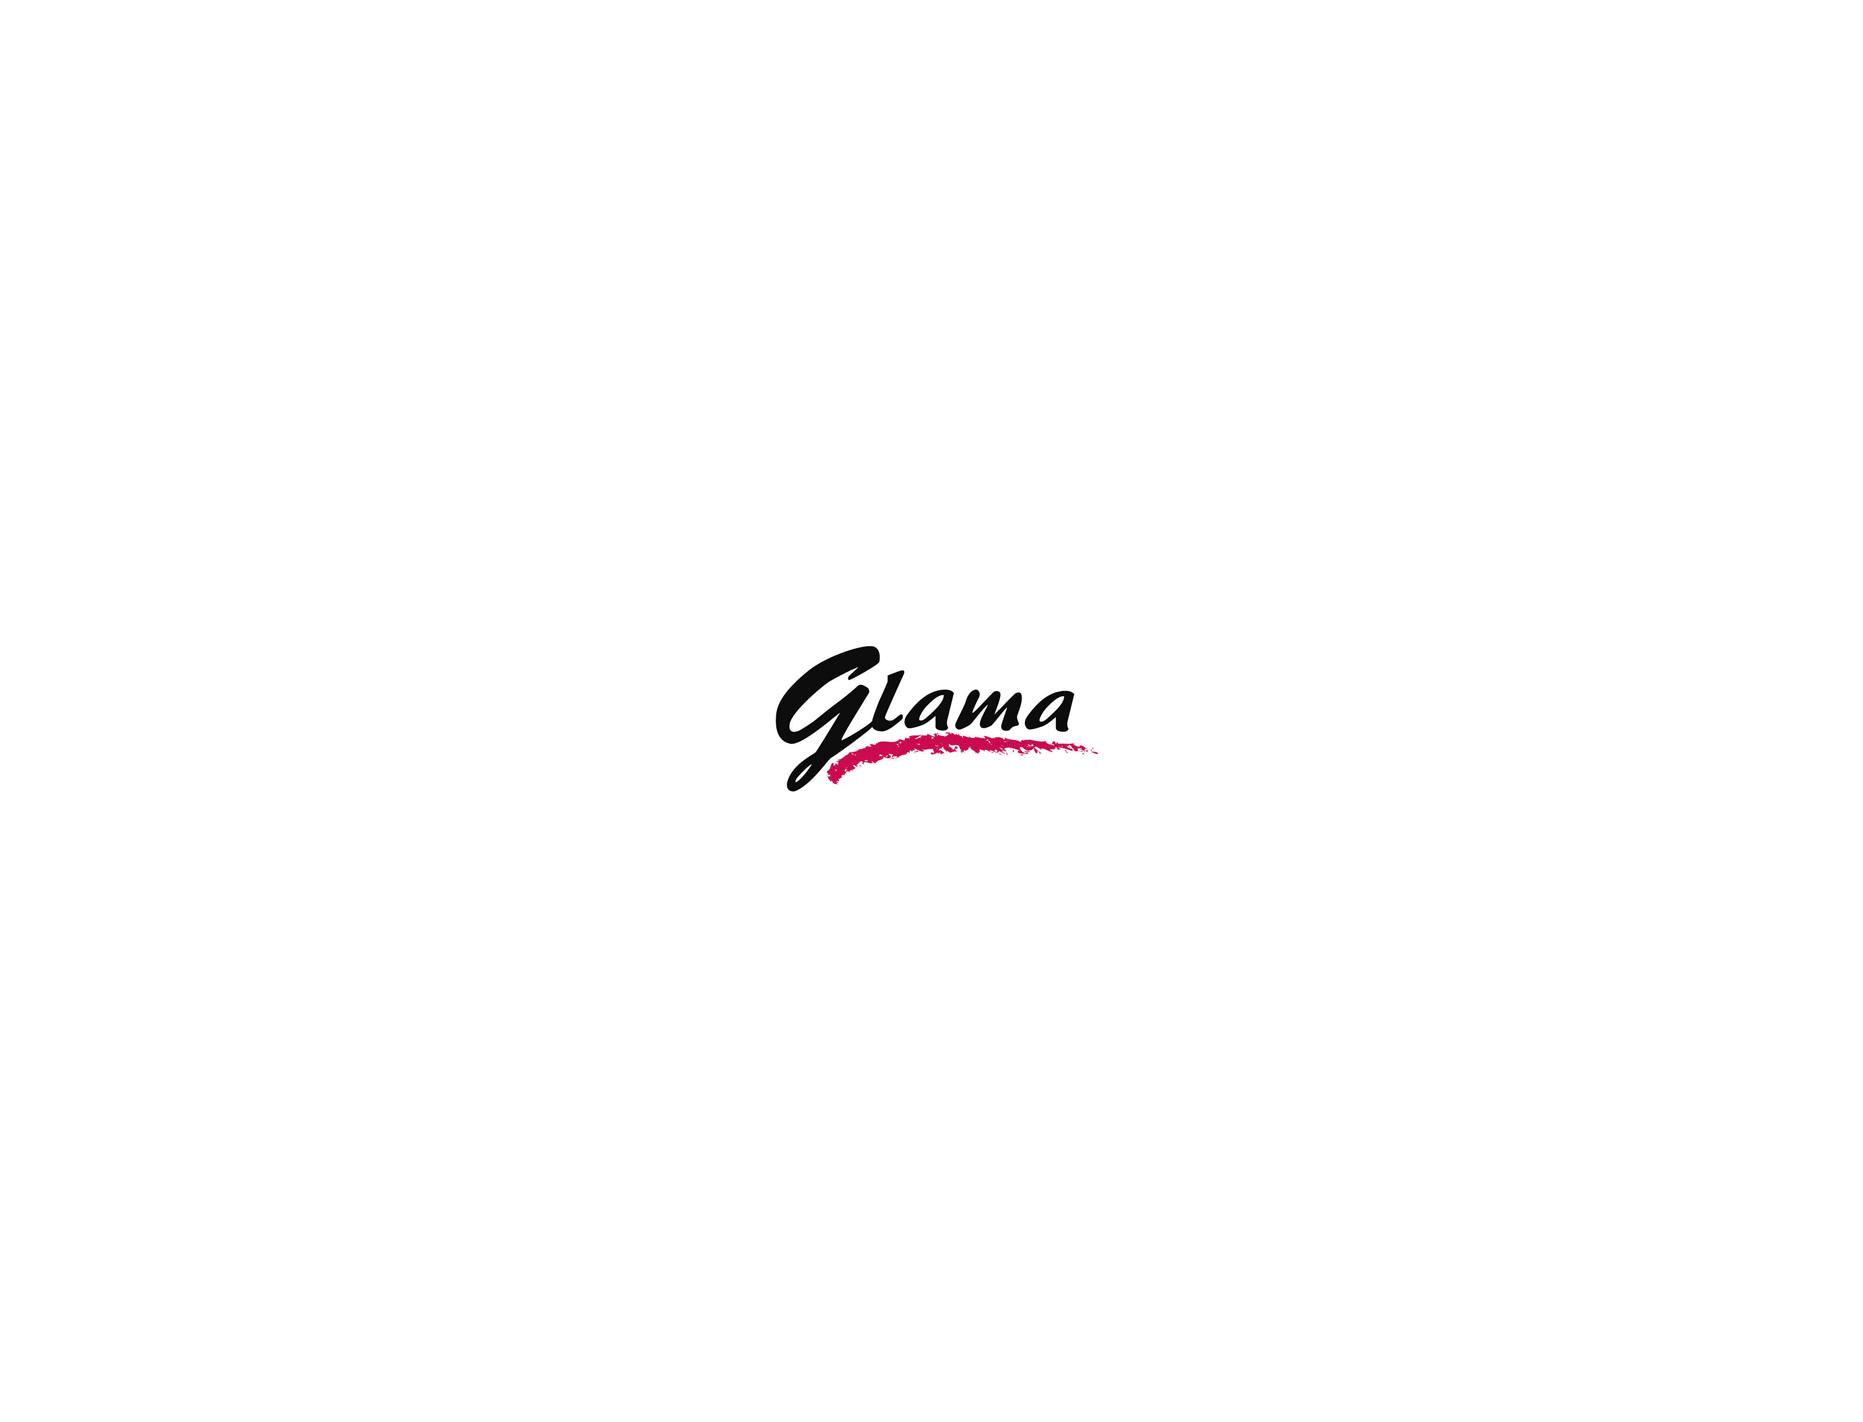 glama